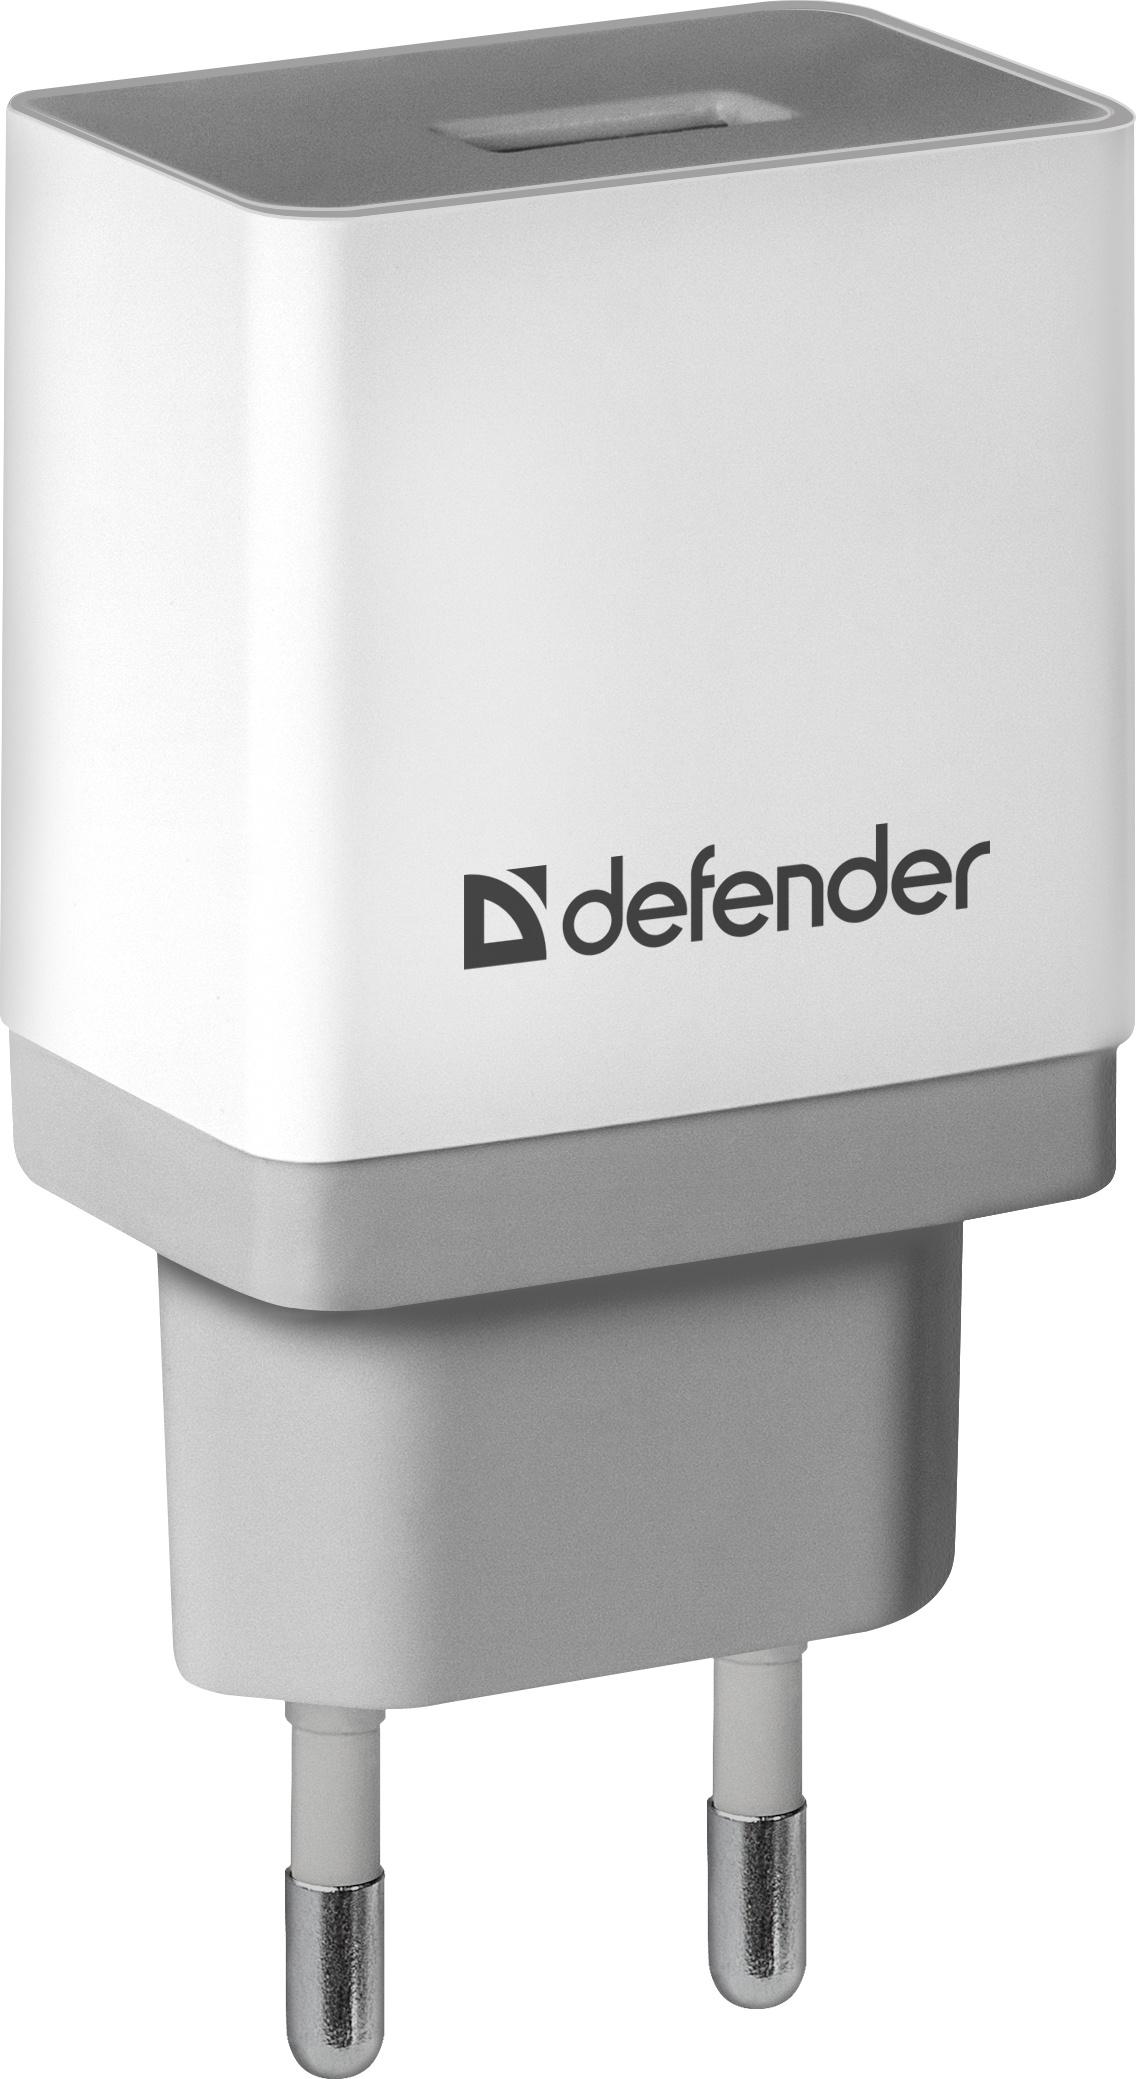 Сетевой адаптер Defender UPA-21 белый, 1xUSB, 5V/2.1А сотовые телефоны